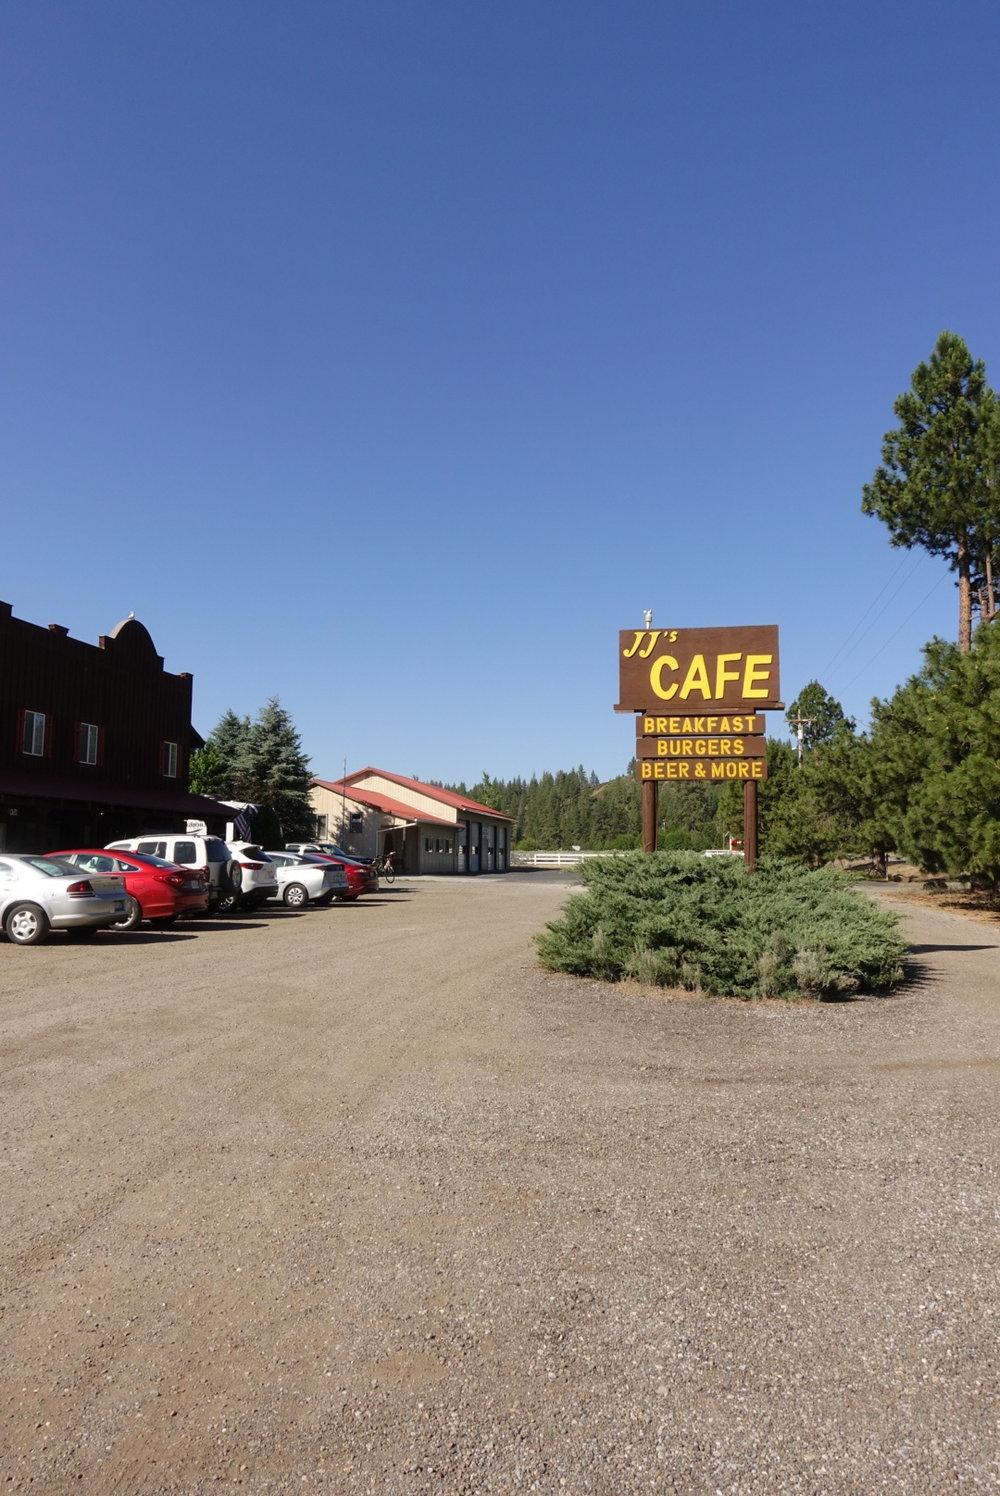 JJ's Cafe in Old Station.